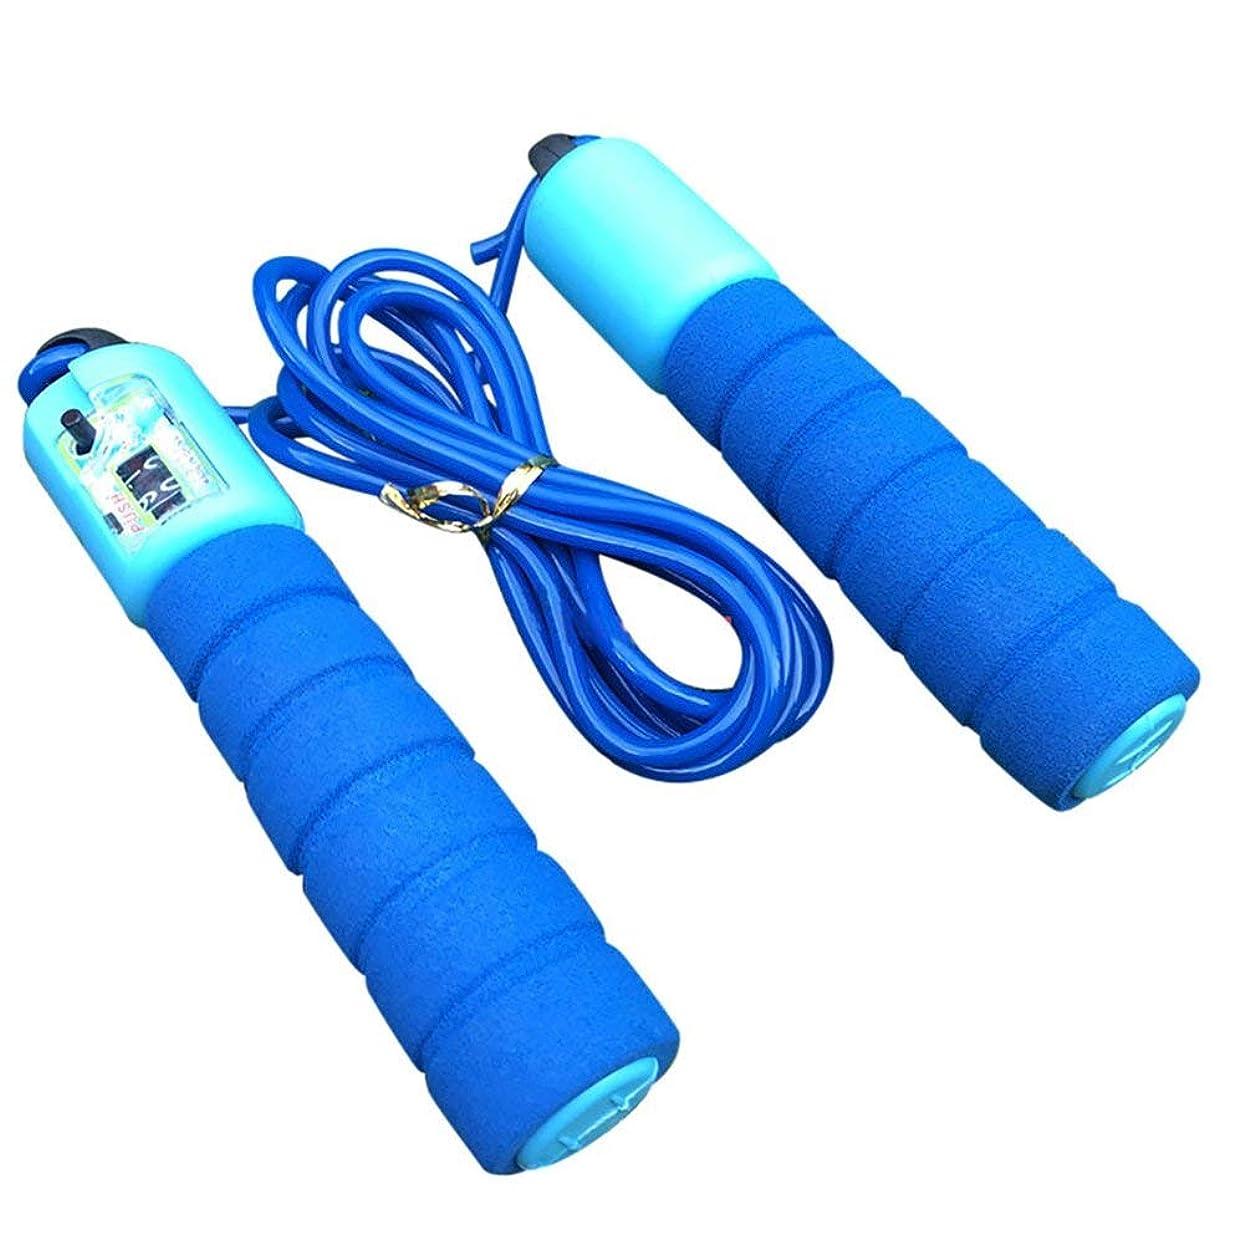 絶えず適切な役に立つ調整可能なプロフェッショナルカウント縄跳び自動カウントジャンプロープフィットネス運動高速カウントジャンプロープ - 青